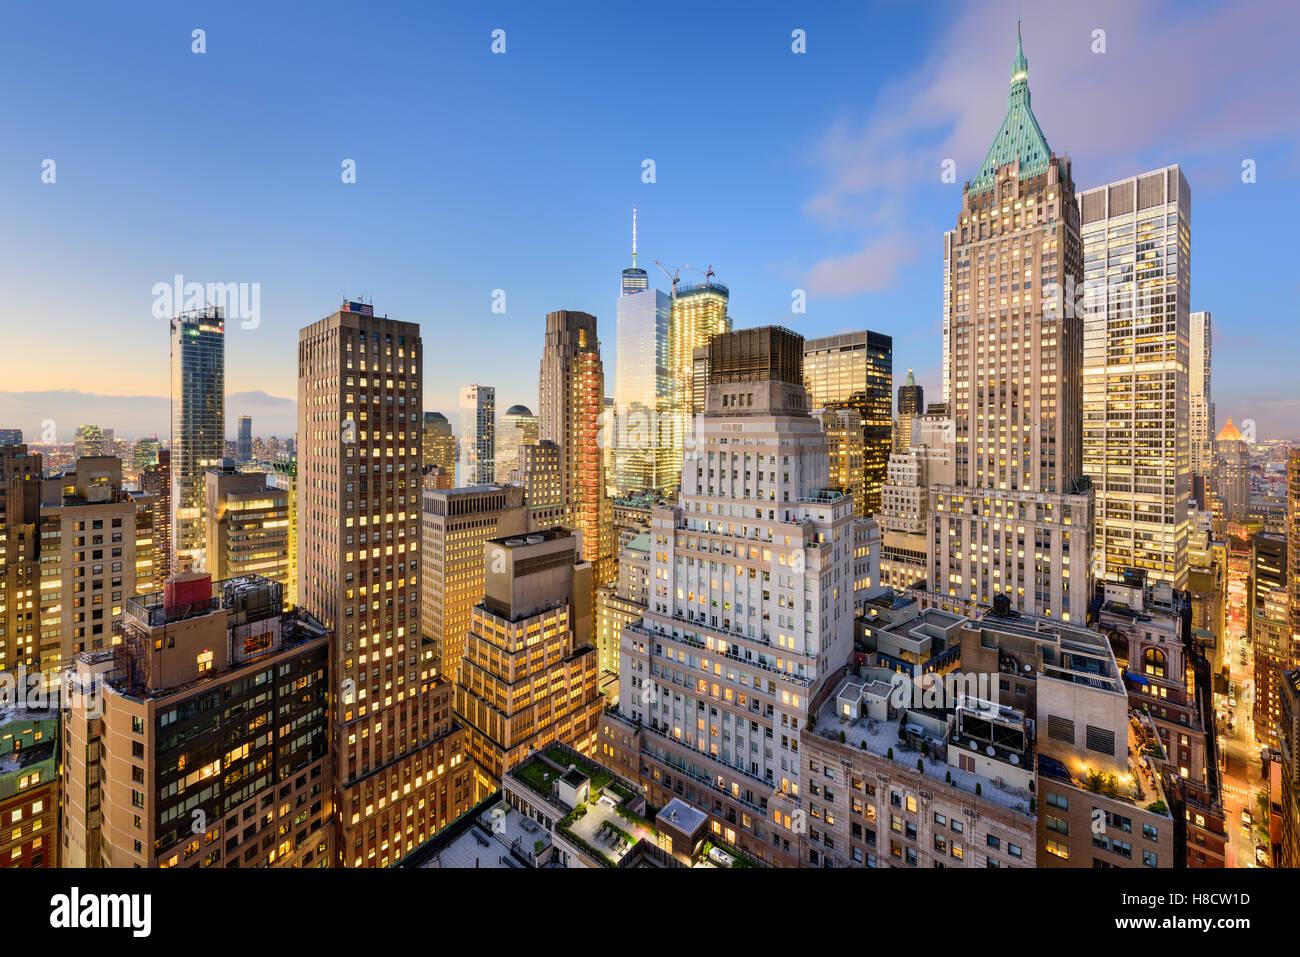 El distrito financiero de la ciudad de Nueva York ciudad al anochecer. Imagen De Stock